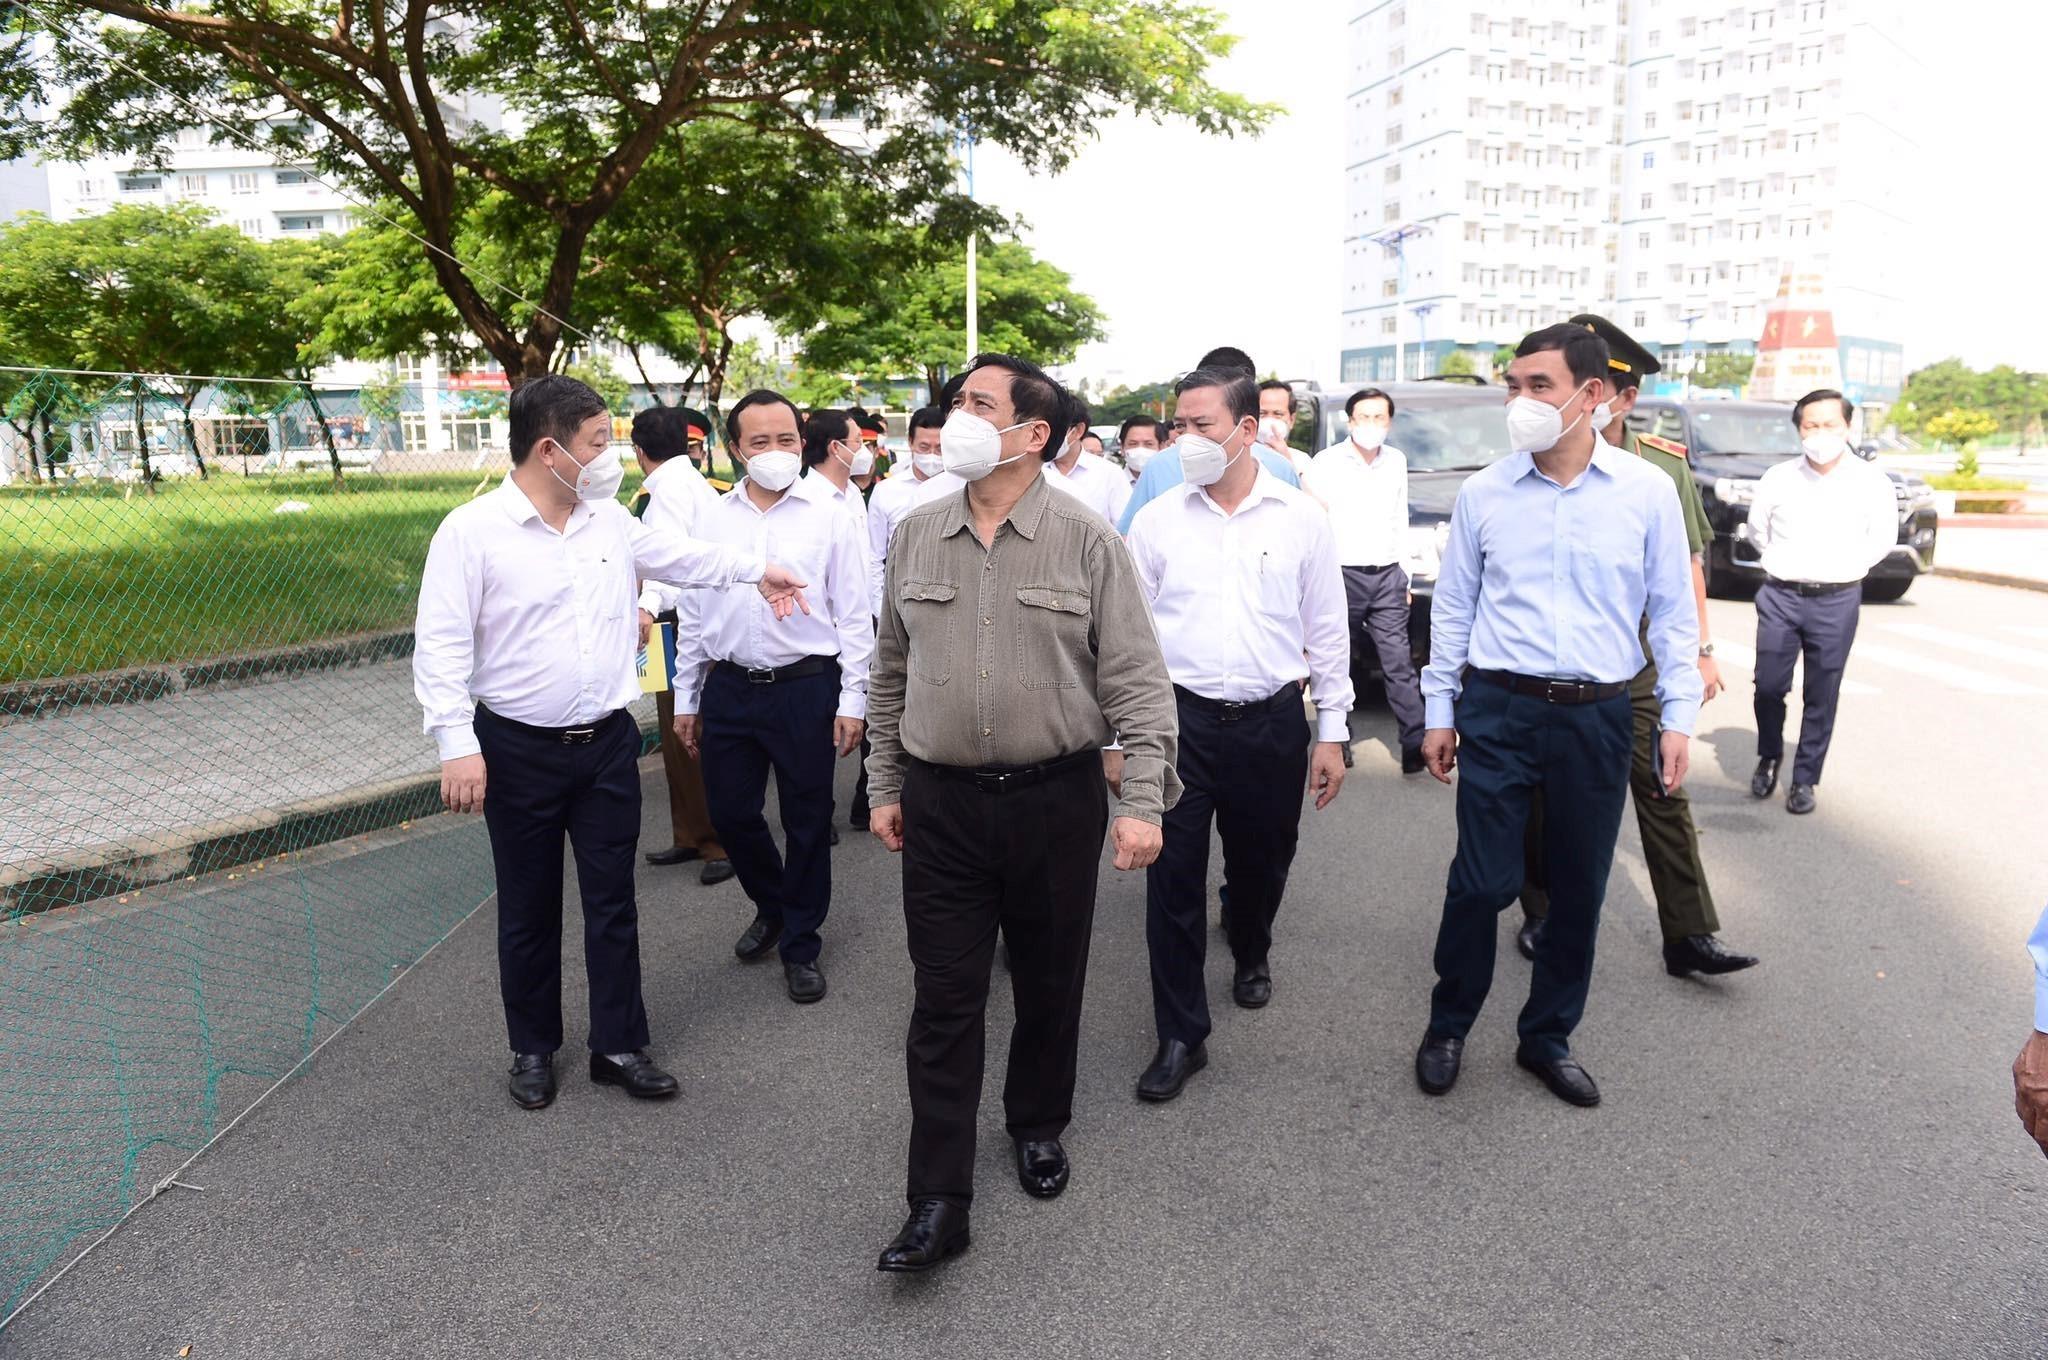 Thủ tướng trực tiếp kiểm tra công tác phòng chống dịch ở TP.HCM